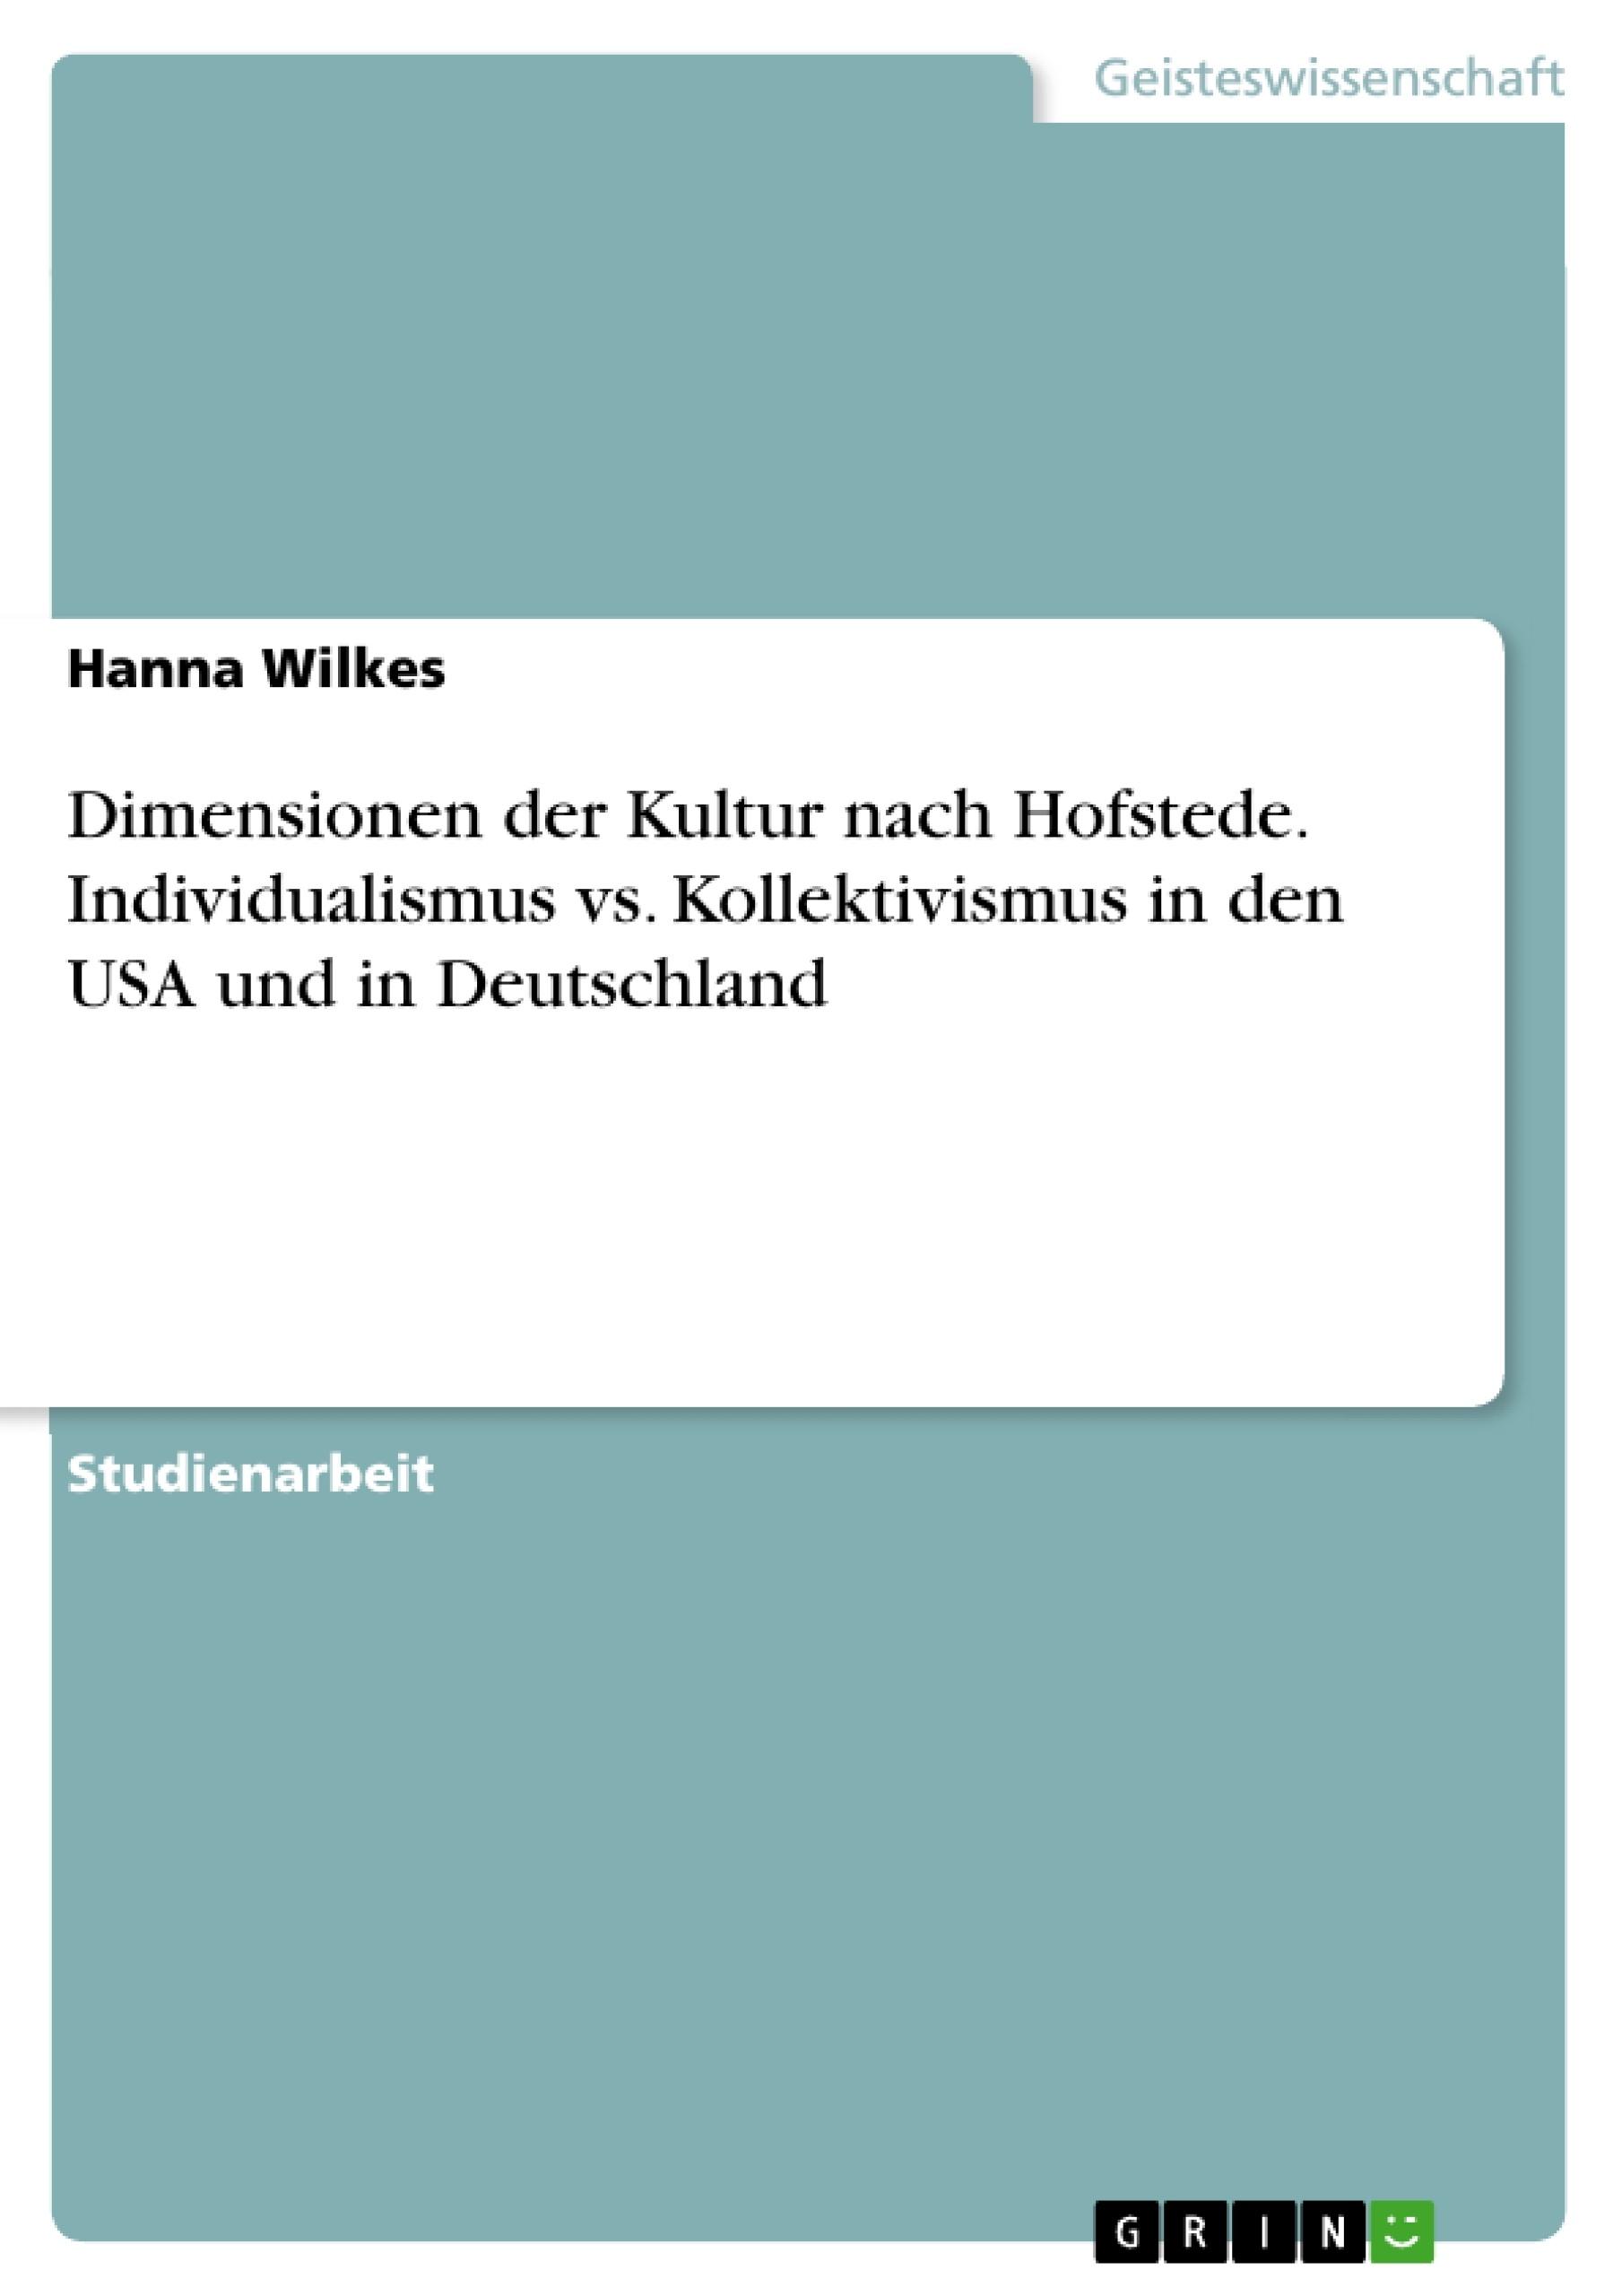 Titel: Dimensionen der Kultur nach Hofstede. Individualismus vs. Kollektivismus in den USA und in Deutschland